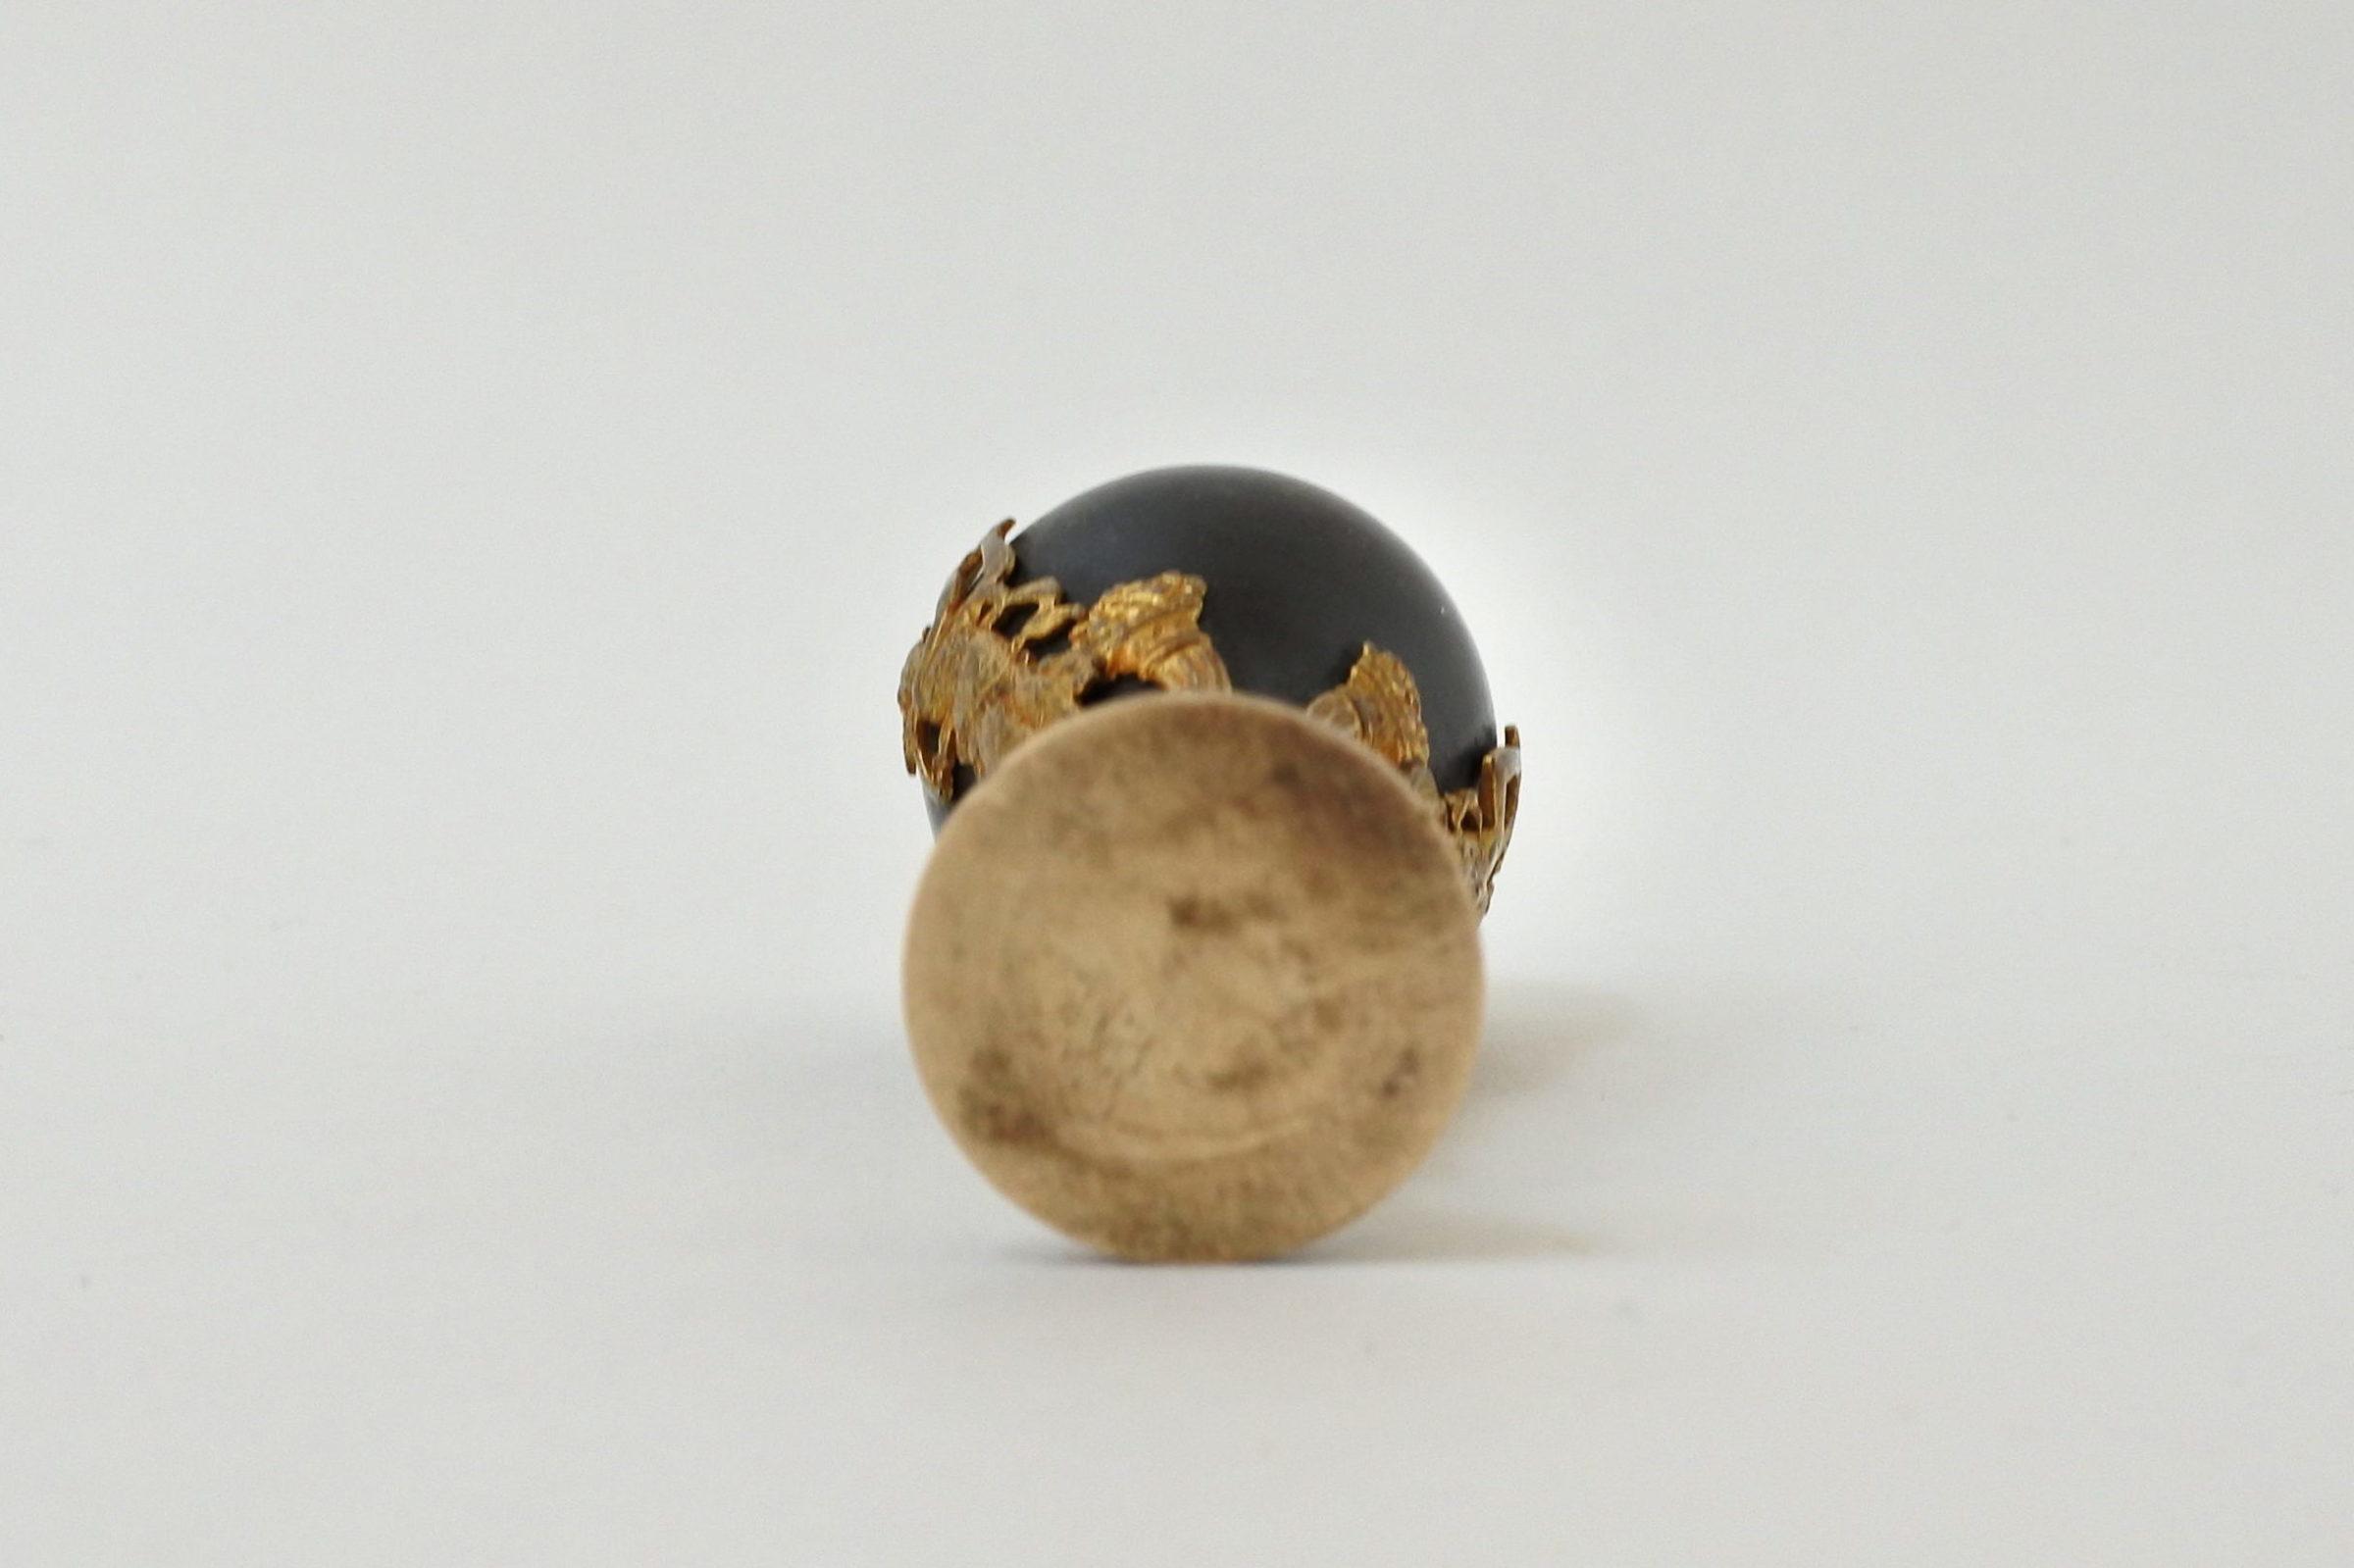 Sigillo in bronzo patinato con fregi in ottone dorato - 6